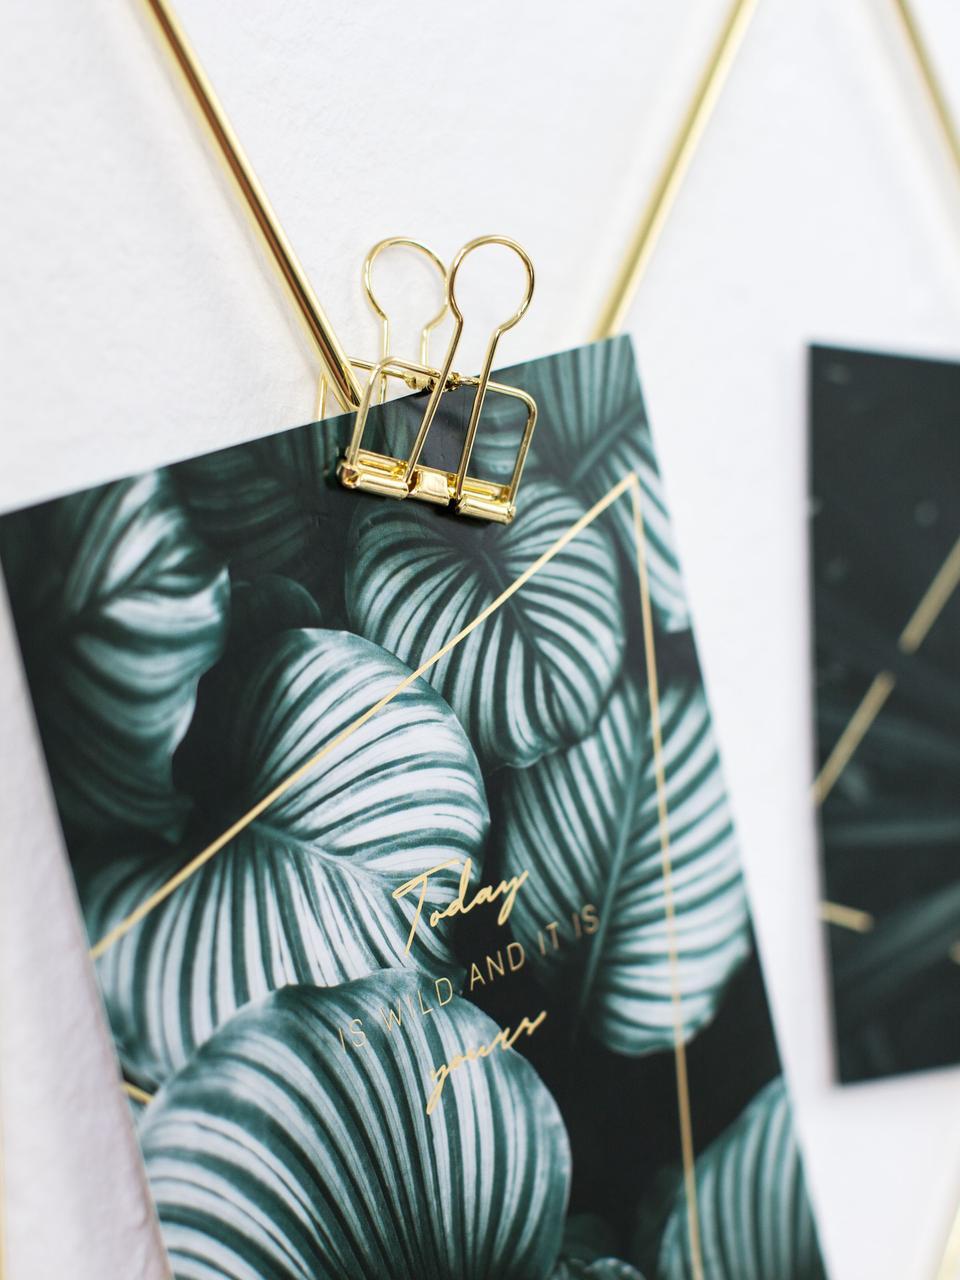 Foldbackklammern Lanika, 6 Stück, Metall, lackiert, Messingfarben, 3 x 4 cm